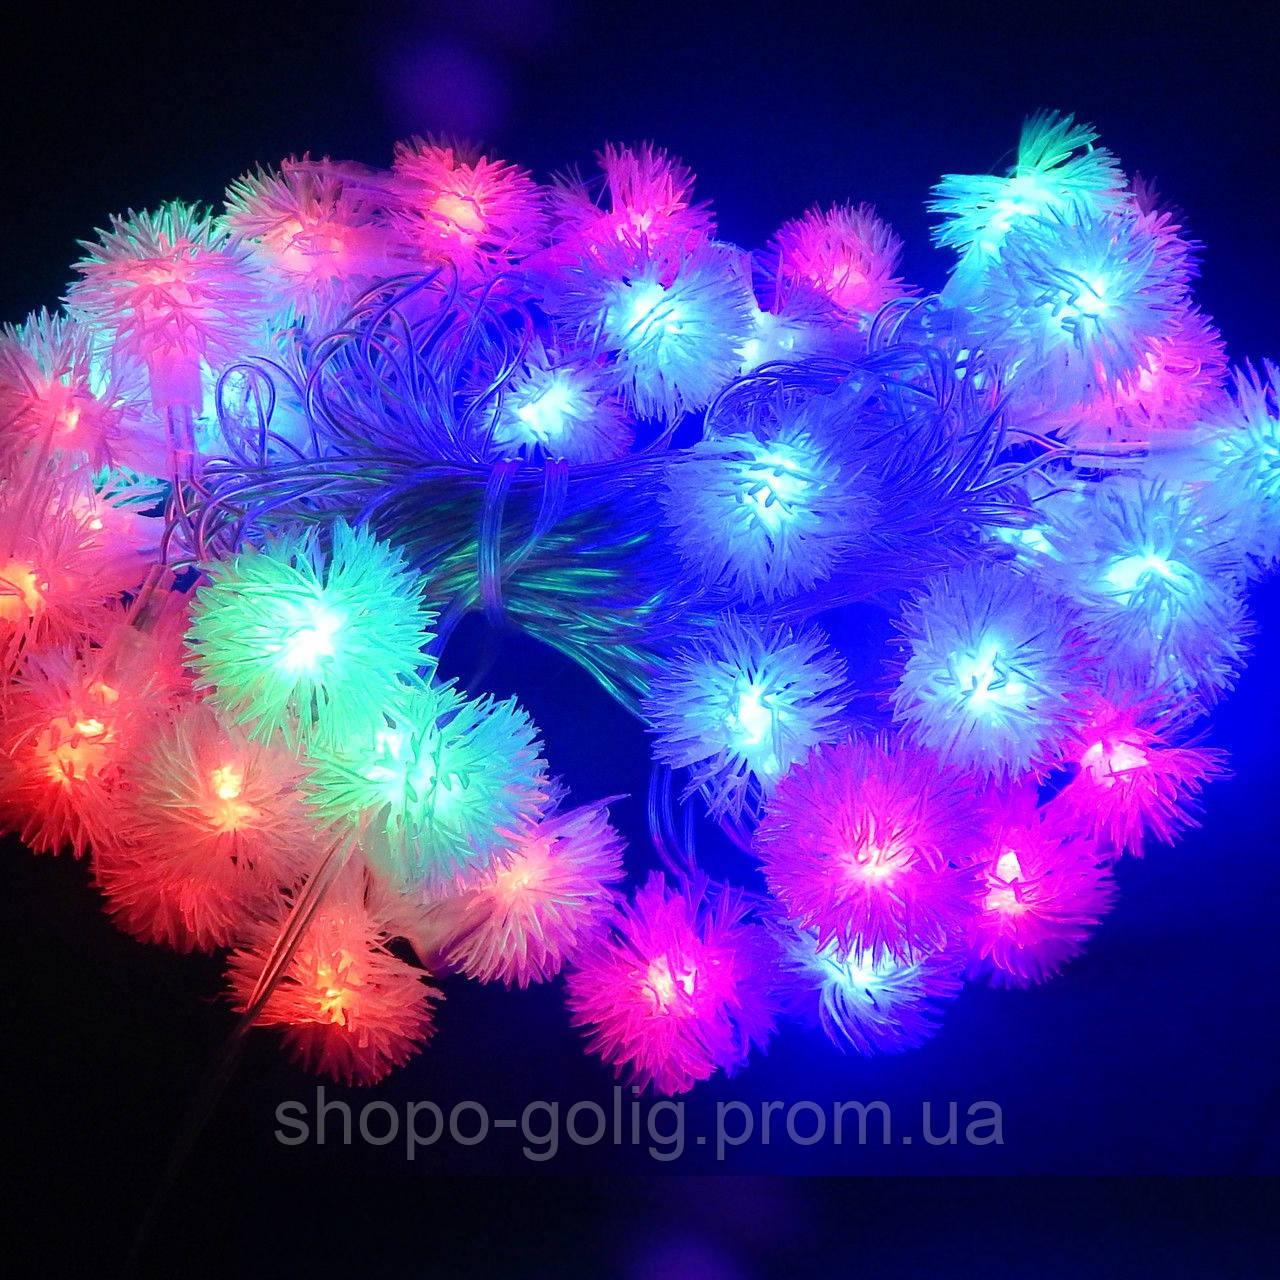 Гирлянда Электрическая Ёжик LED 40 мульти (длина 5м), фото 1